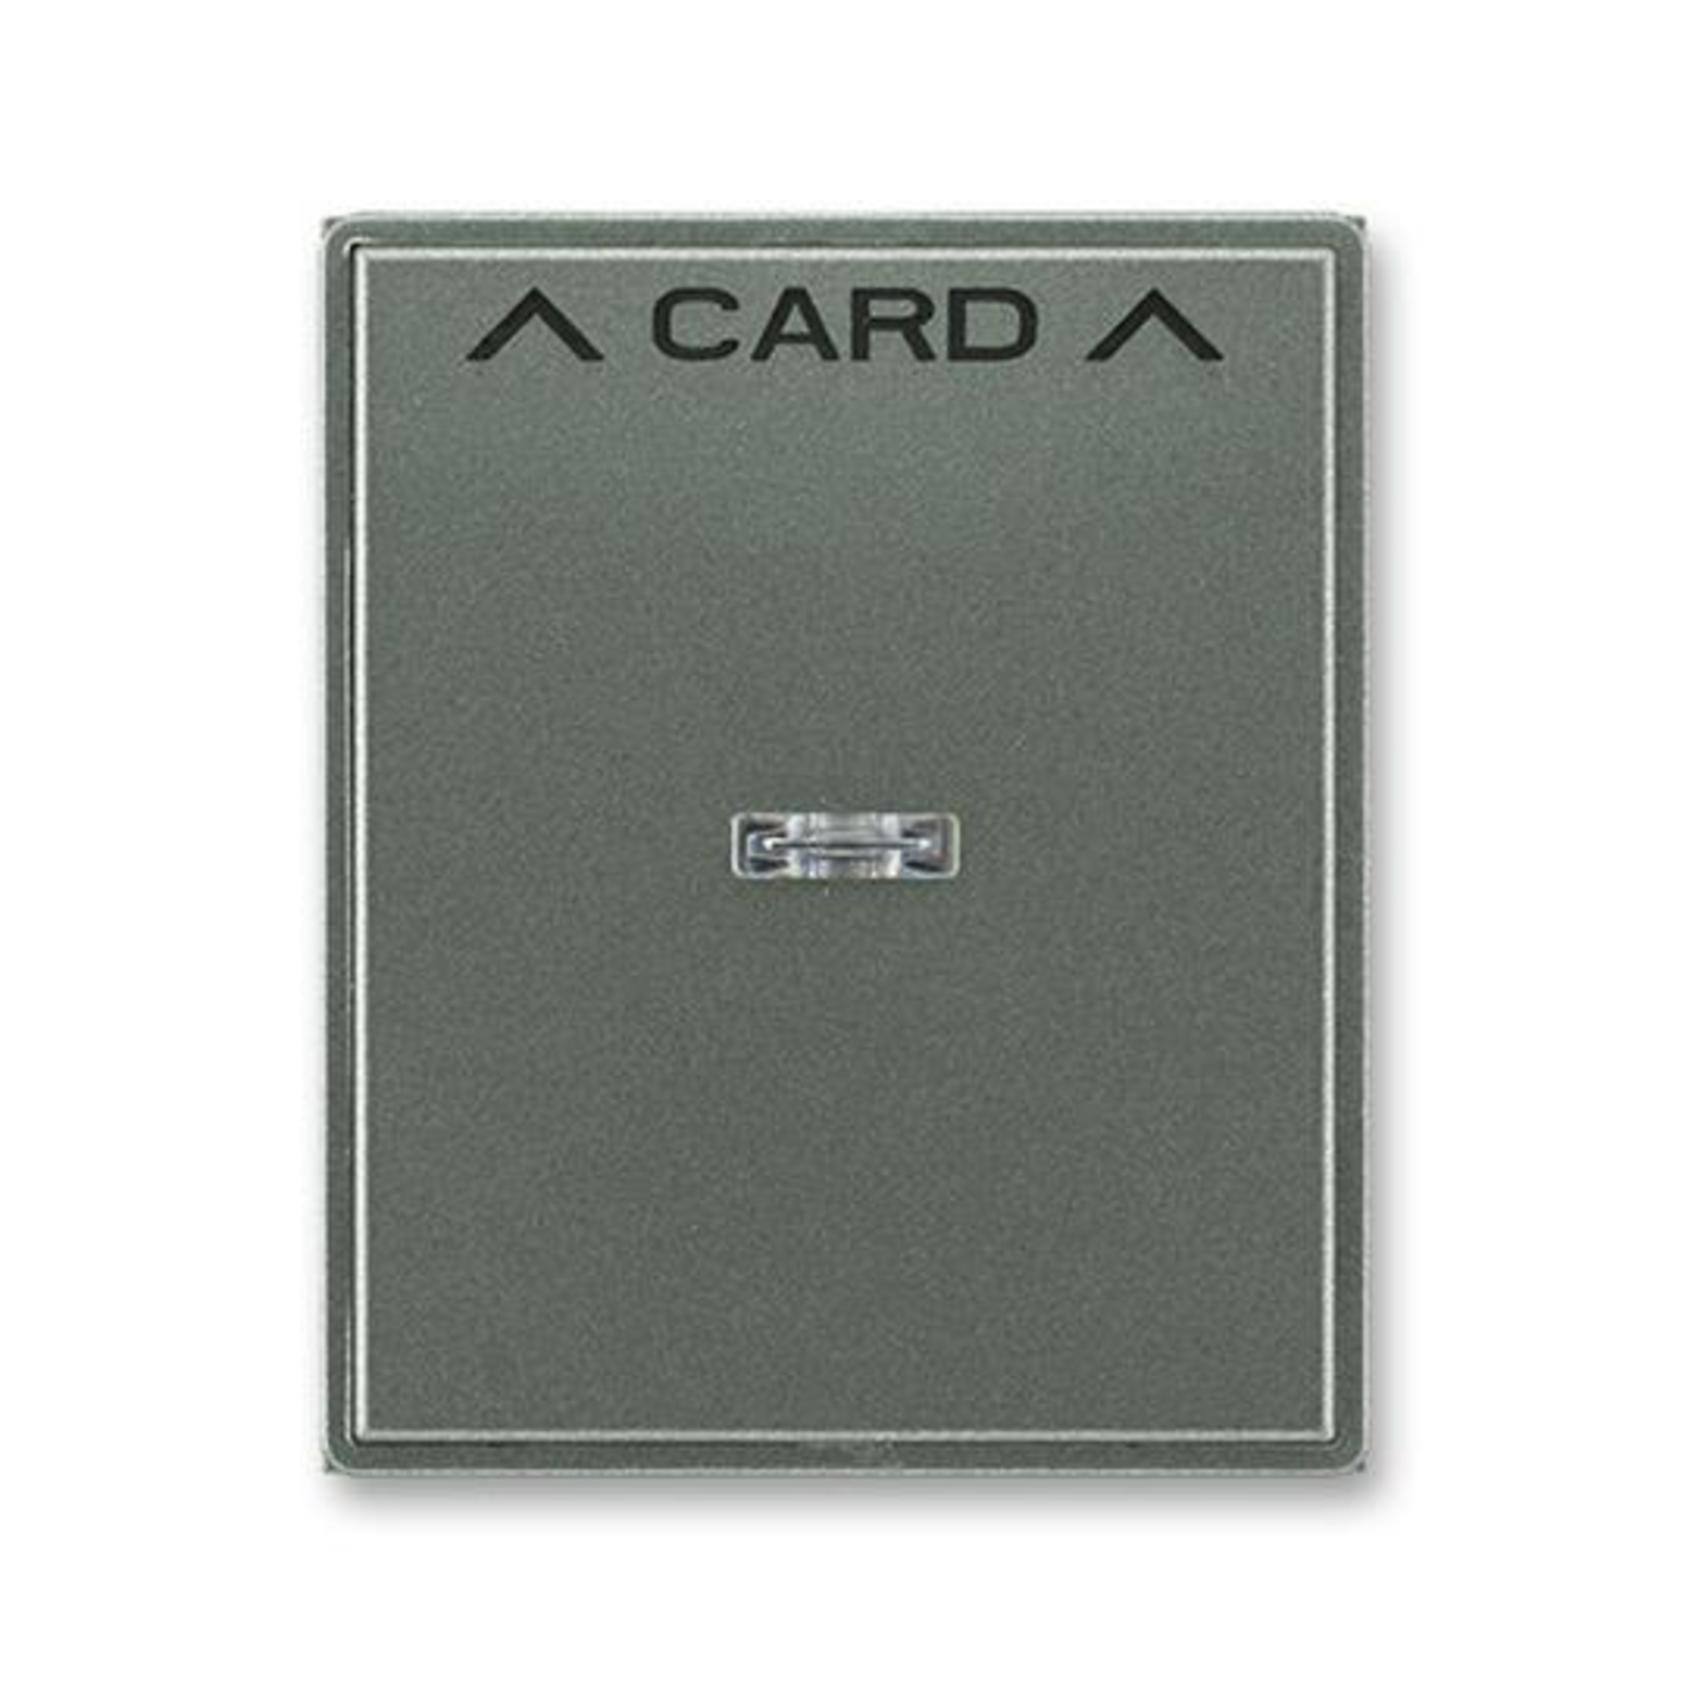 ABB 3559E-A00700 34 Time Kryt spínače kartového, s čirým průzorem